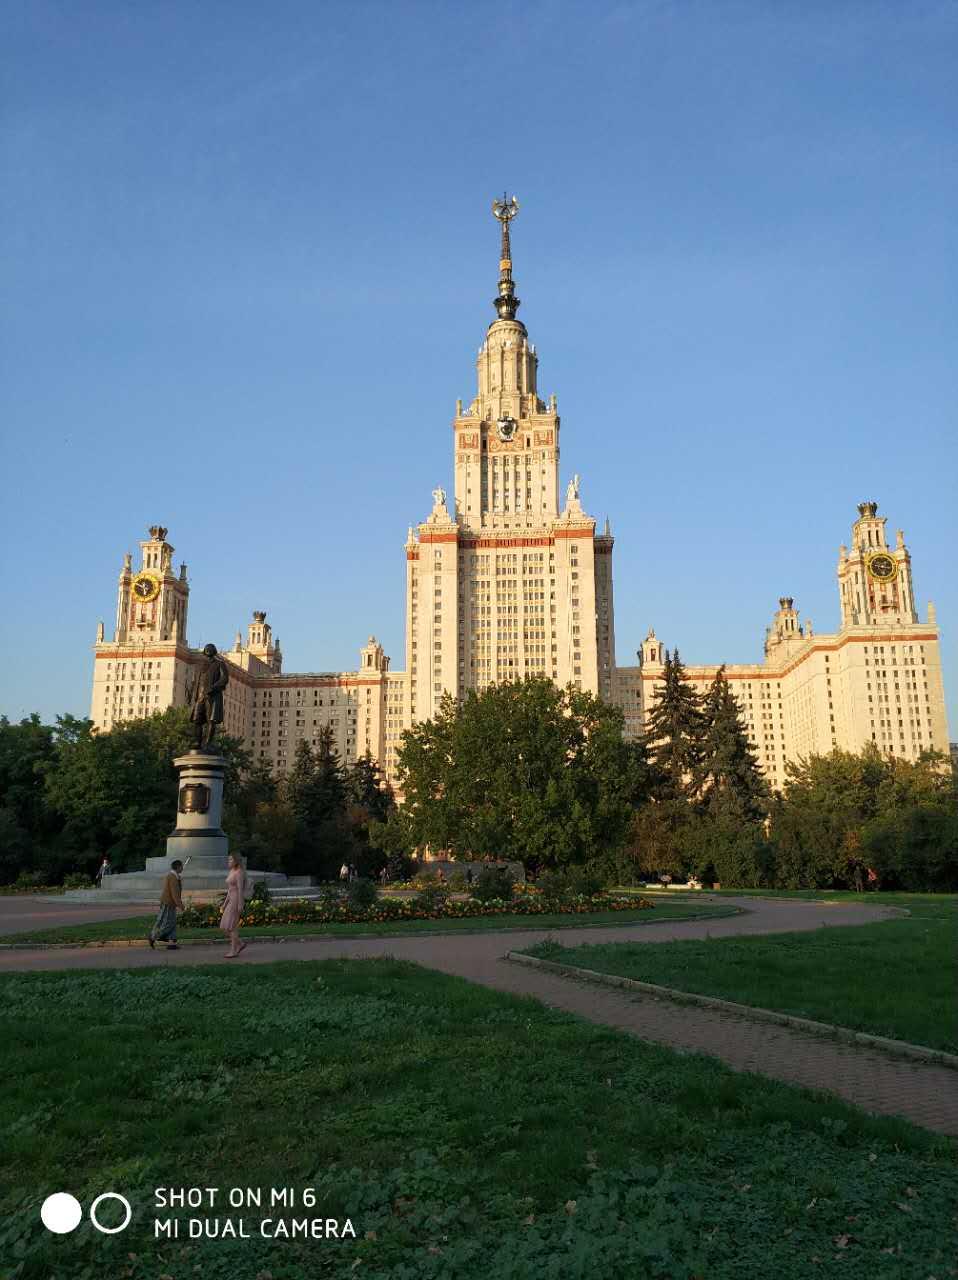 白俄罗斯留学硕士毕业含金量有多少?